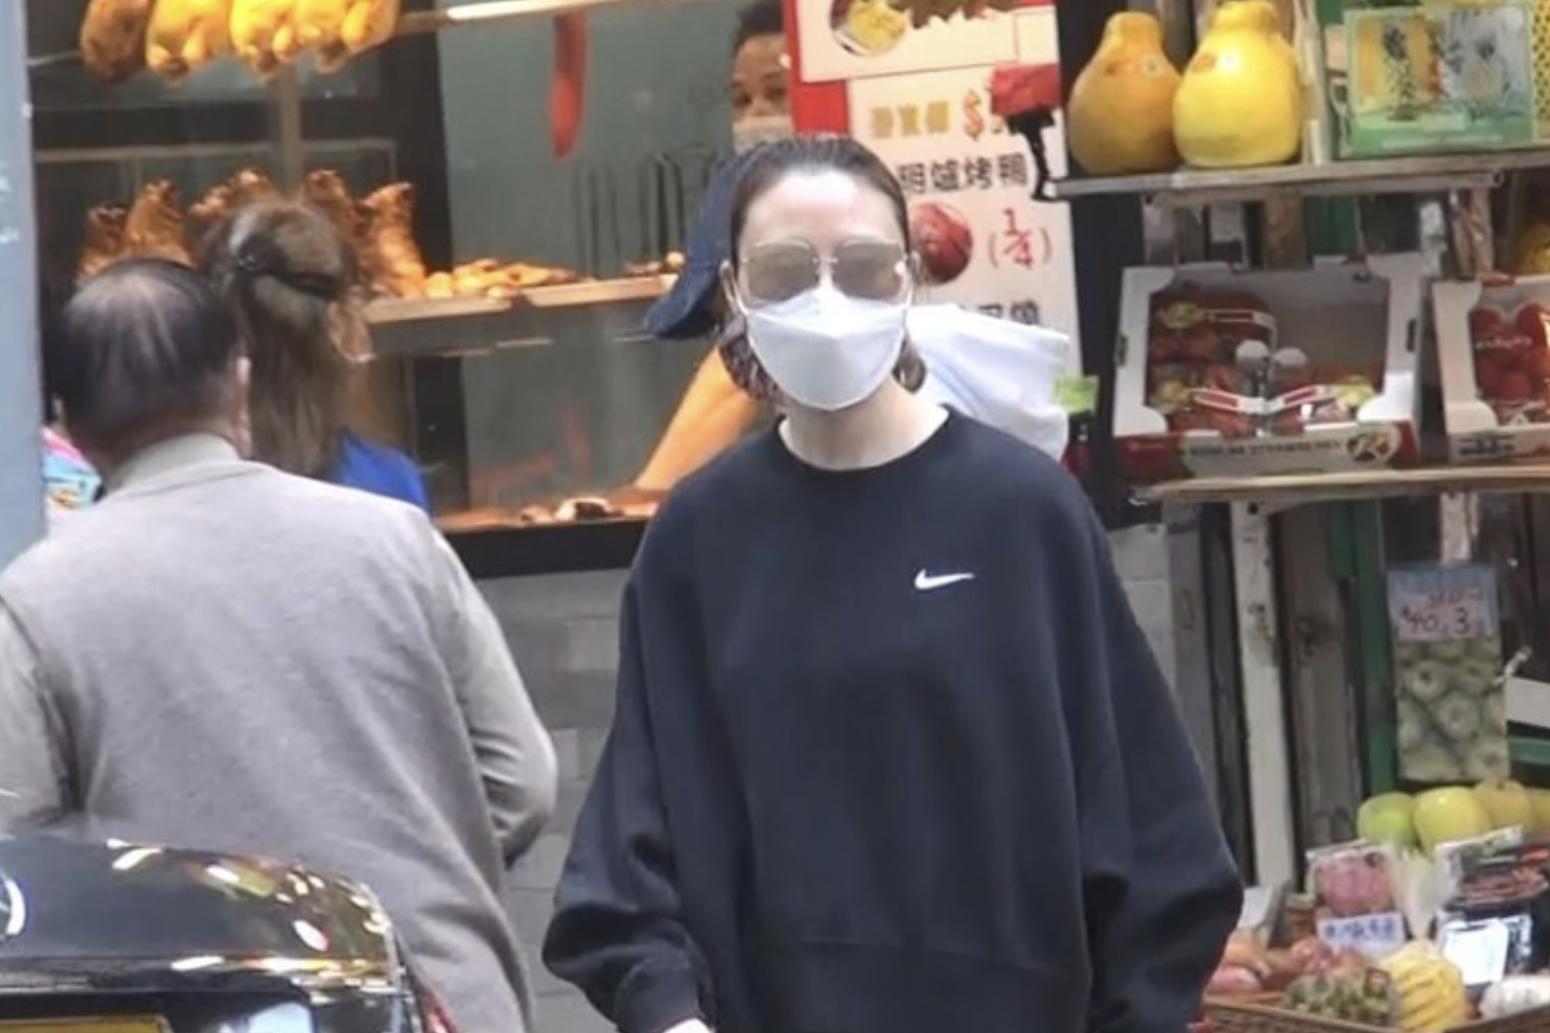 67岁陈婉珍罕见露脸,携何超云菜市买菜,母女打扮质朴仍难掩气质